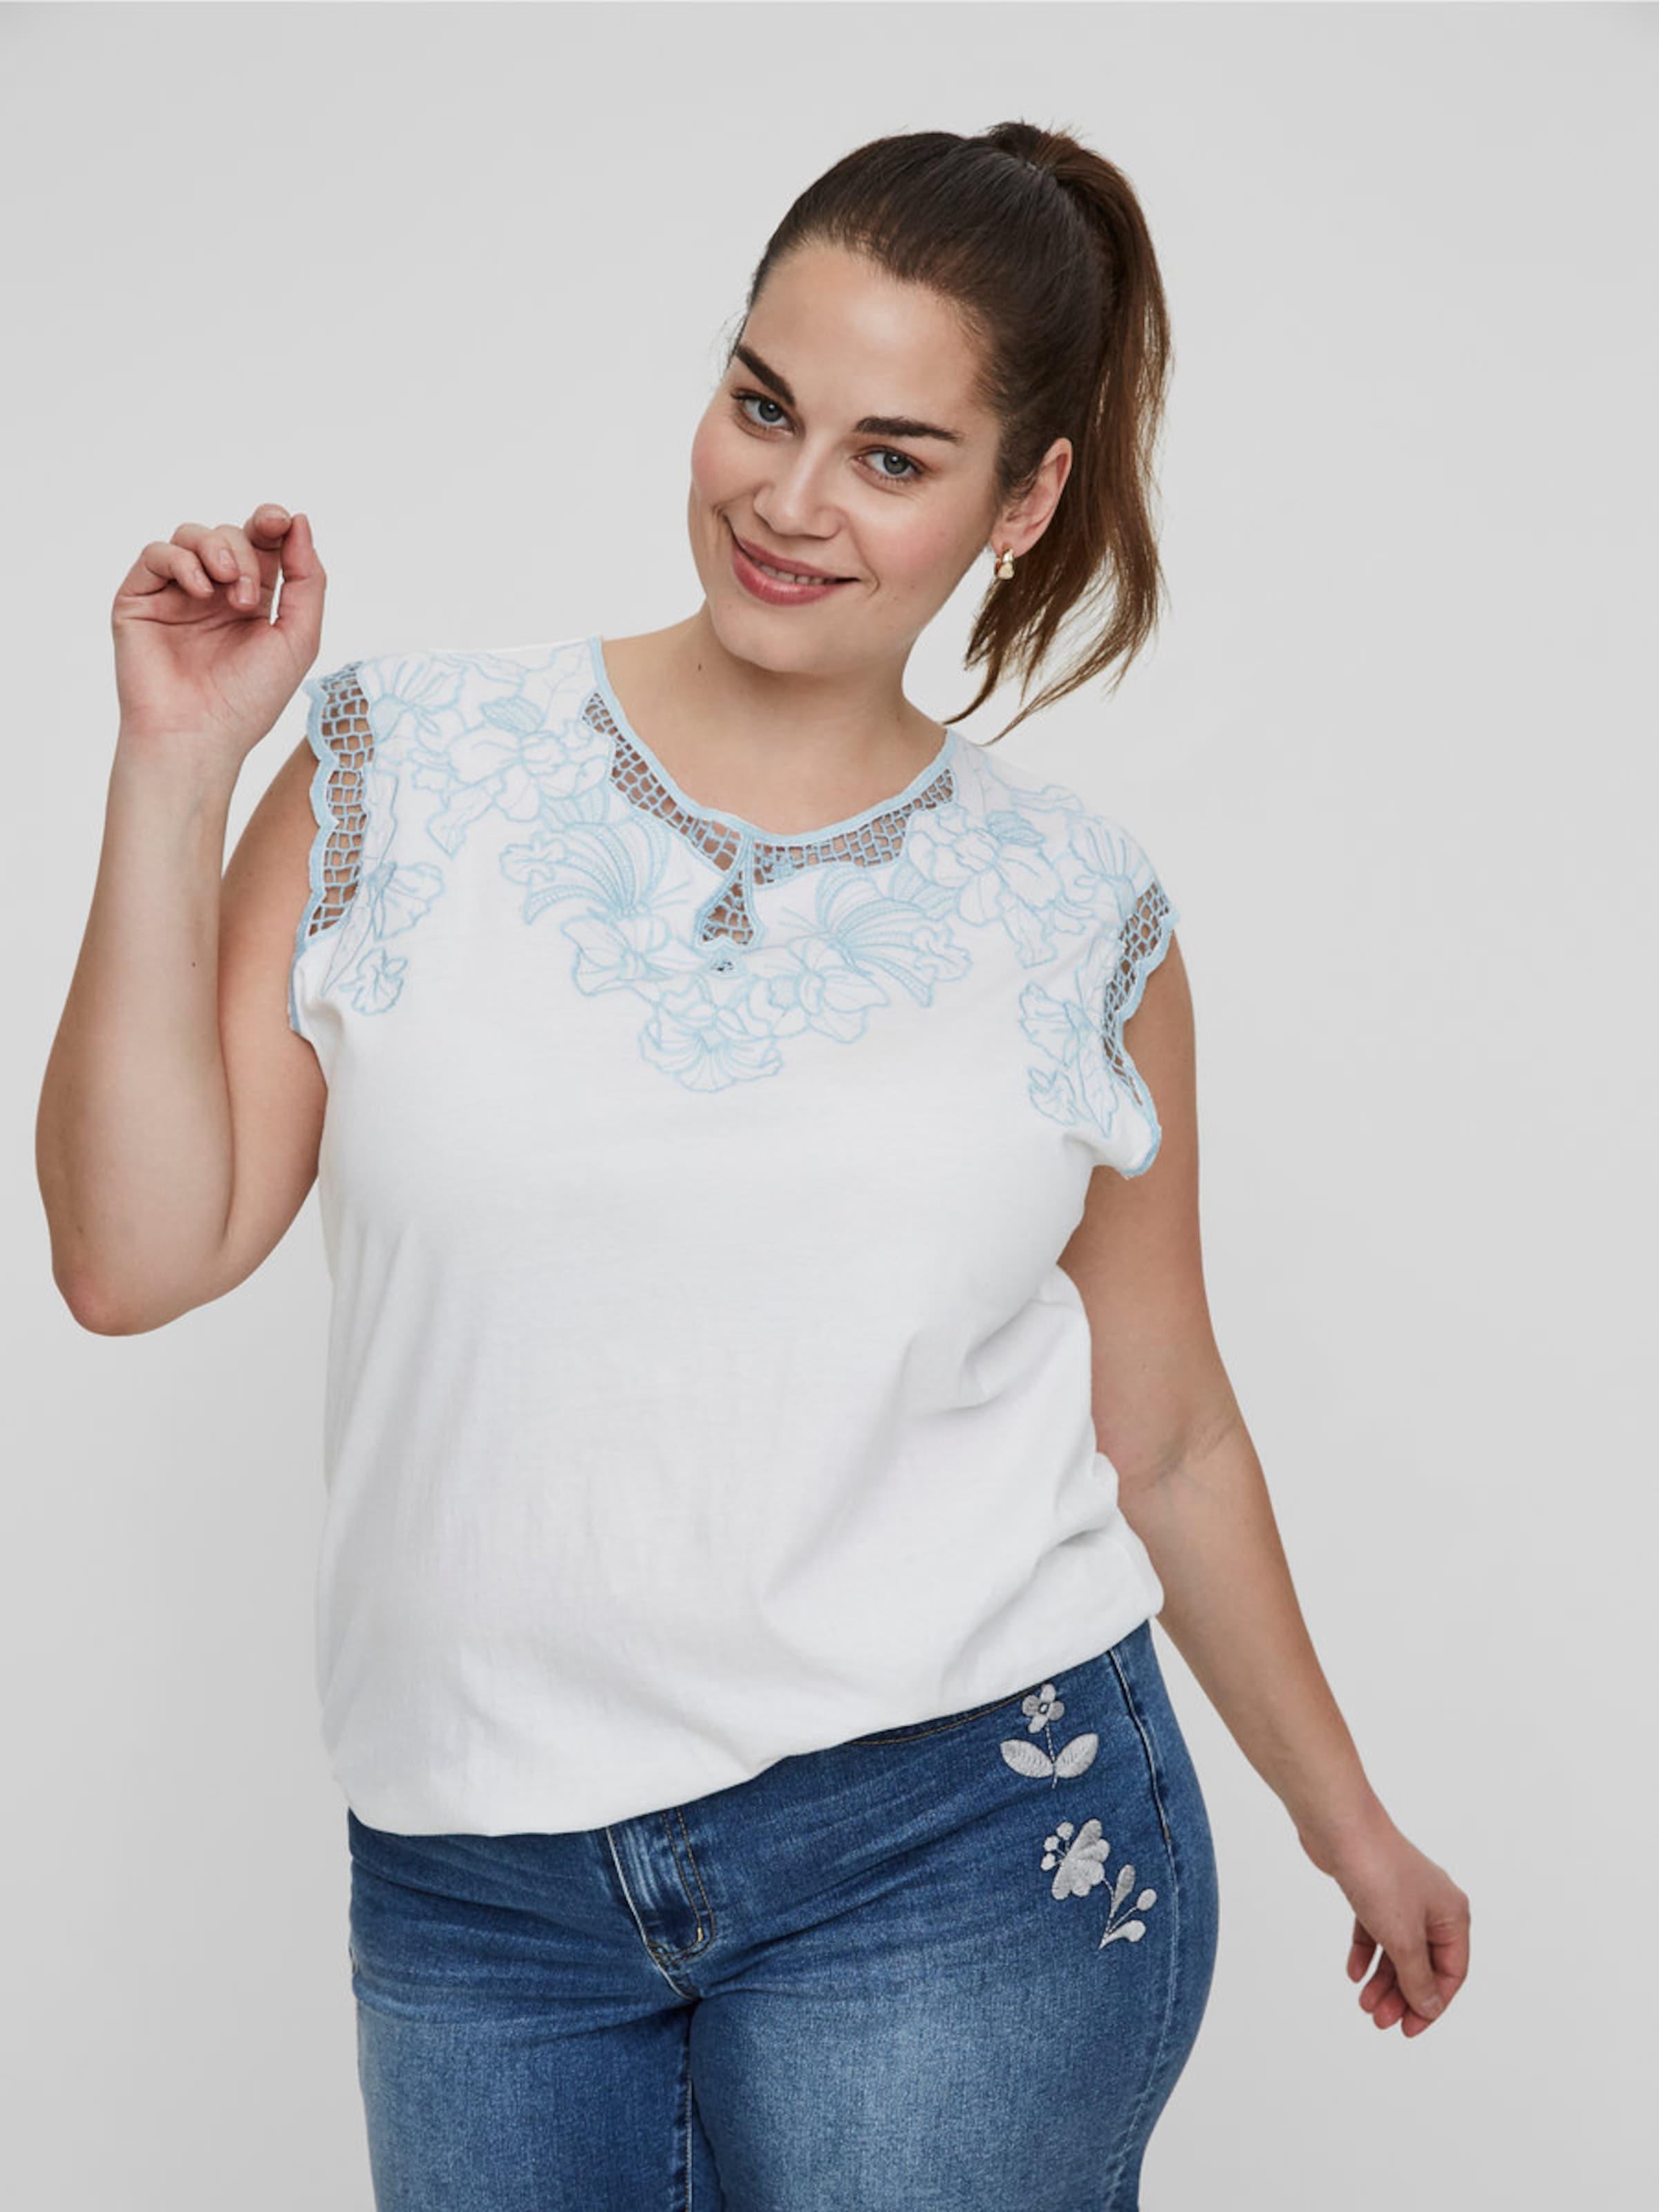 Spitzen T details Weiß shirt Mit In Junarose wkXPTOZui